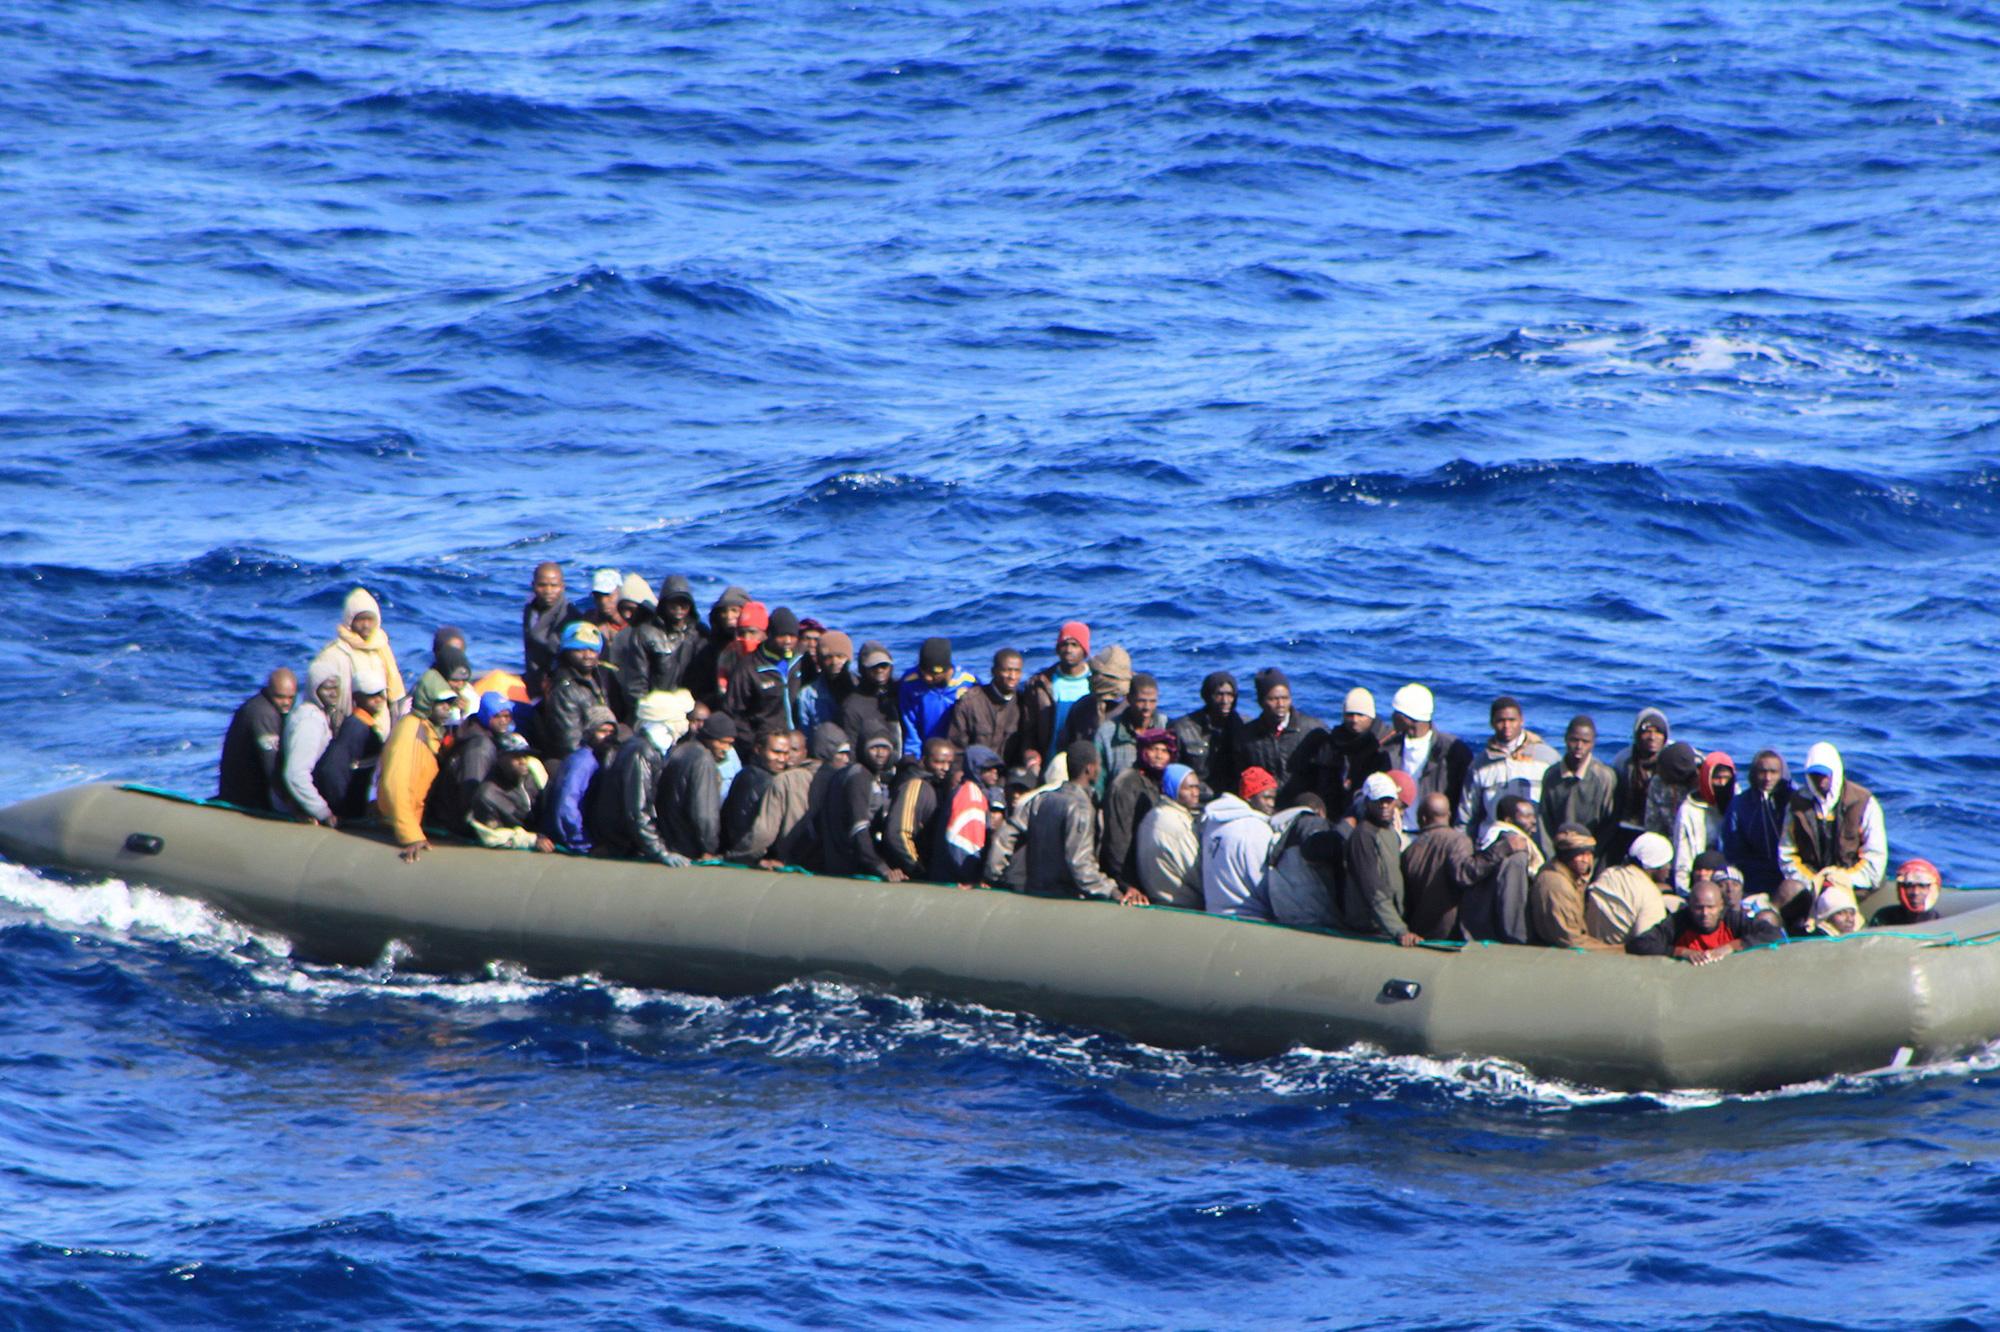 إسبانيا : سفينة الصيد التي أنقذت 12 مهاجرًا لا زالت تبحث عن مكان لإنزالهم